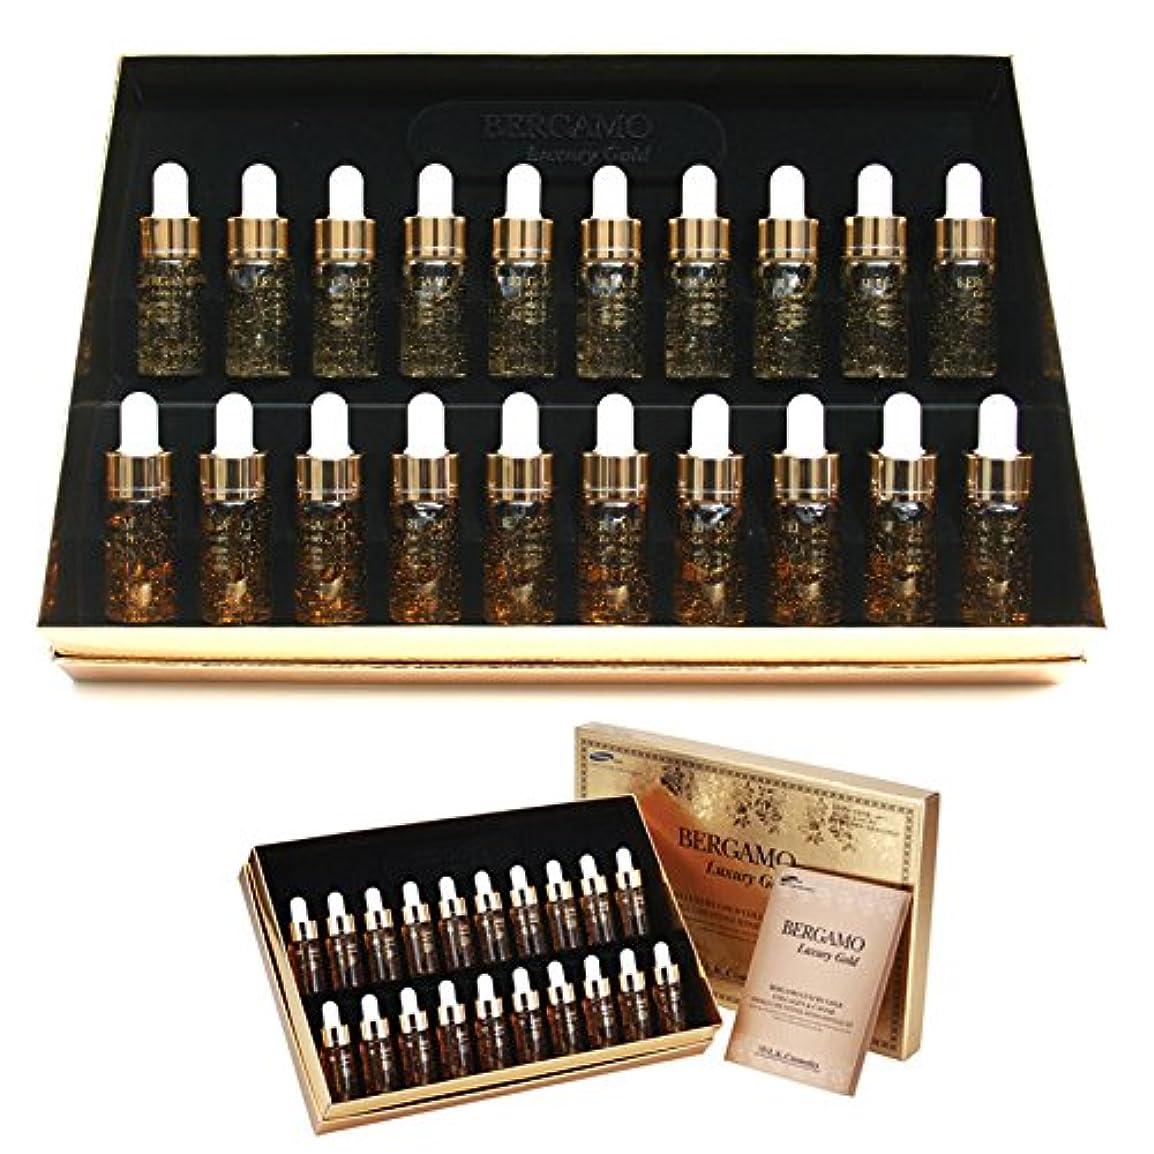 ゴム解説消す[ベルガモ] Bergamo/ラグジュアリーゴールドコラーゲン&キャビアリンクルケアアンプルセット13ml * 20ea/Luxury Gold Collagen & Caviar Wrinkle Care Repair Ampoule Set 13ml * 20ea/韓国化粧品/Korean Cosmetics [並行輸入品]